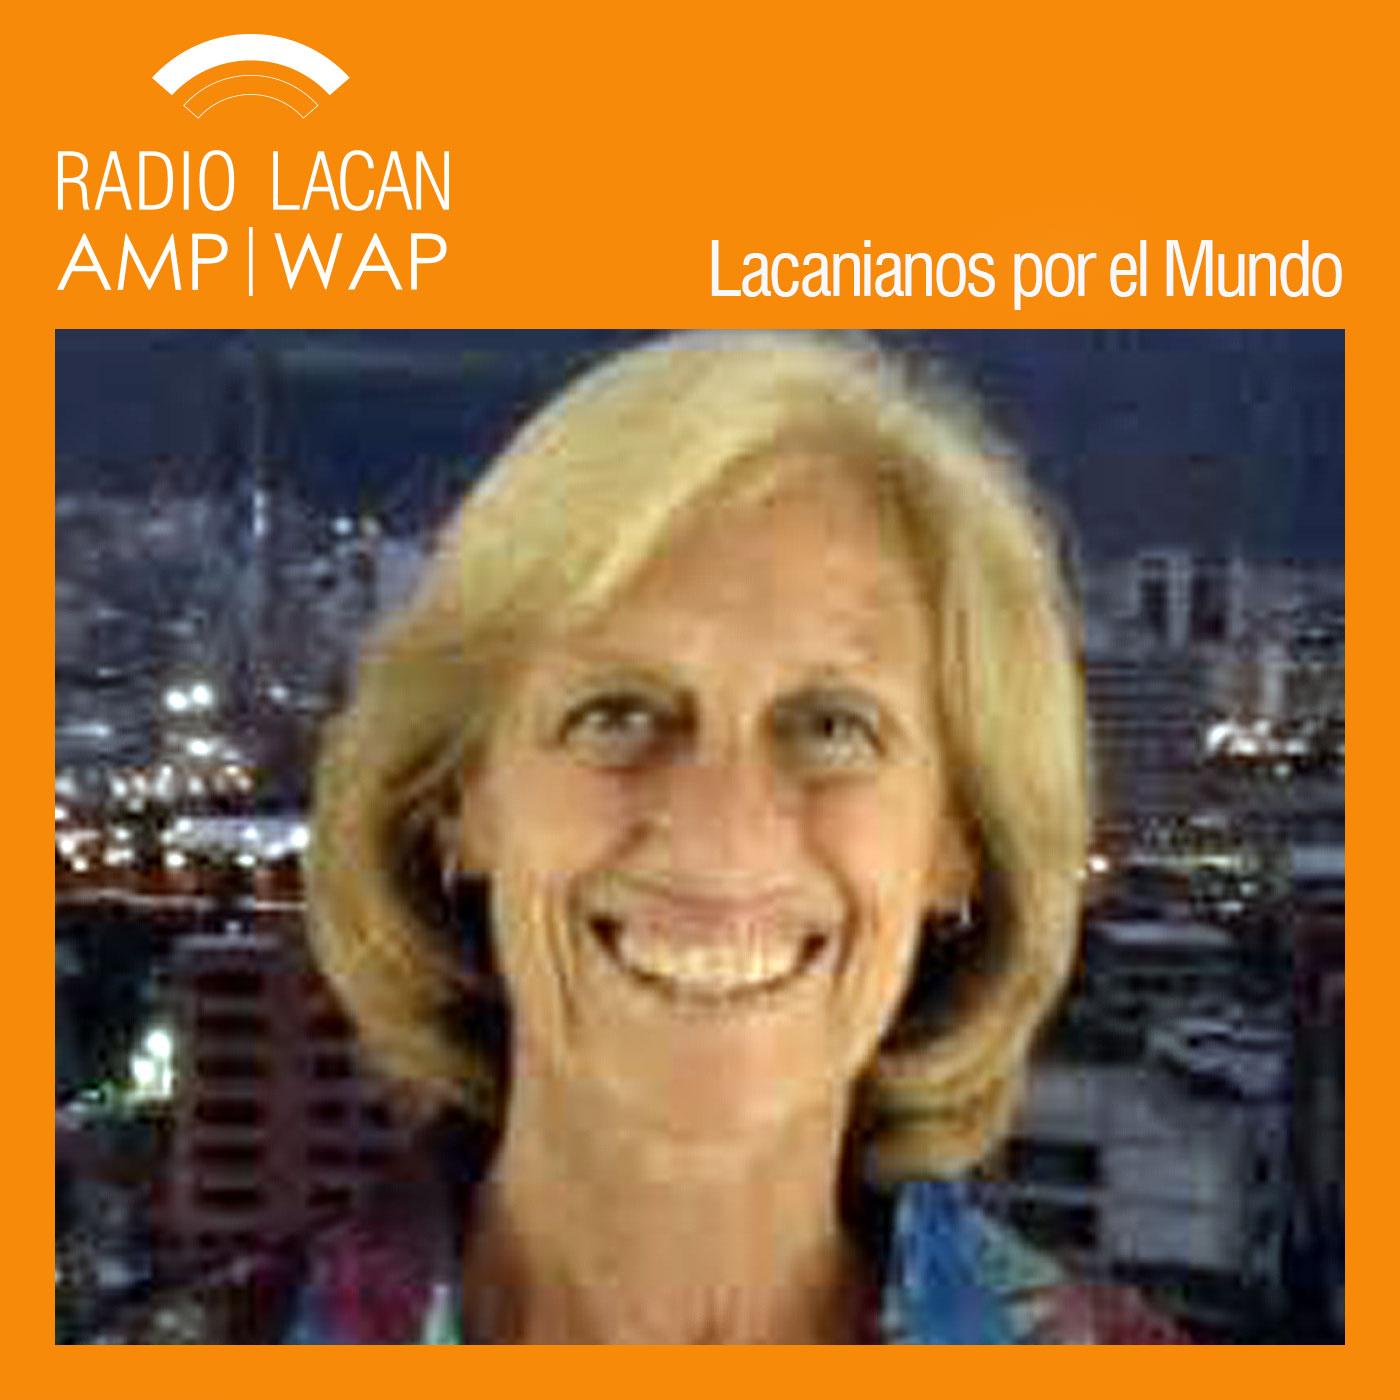 RadioLacan.com | <![CDATA[Ecos de Chile: Entrevista a Flory Kruger a propósito de su Seminario dictado en Santiago de Chile]]>